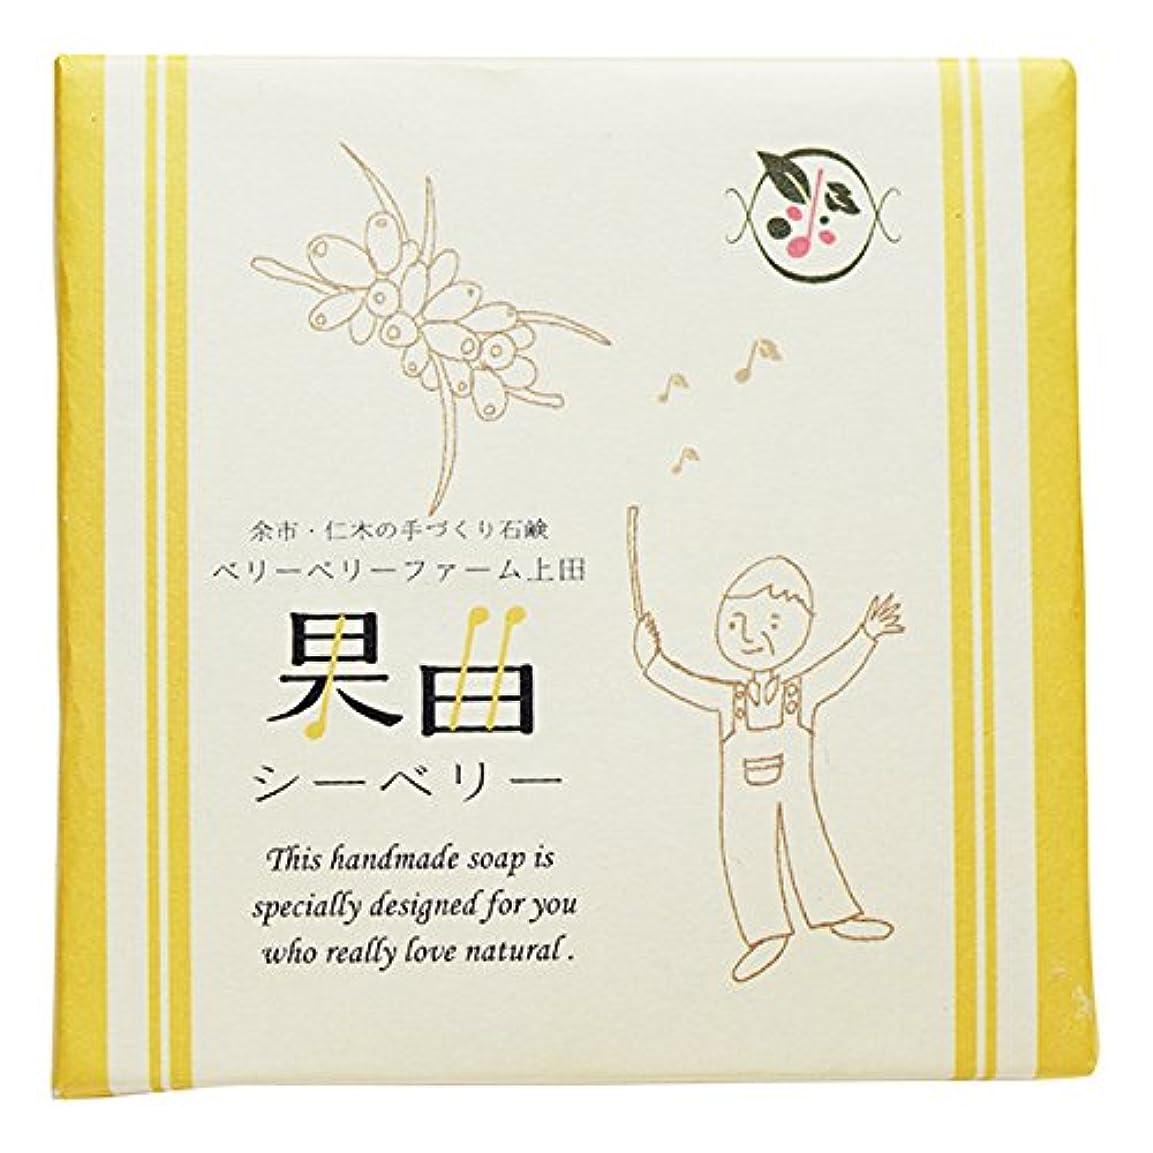 トンネル守る予算余市町仁木のベリーベリーファーム上田との共同開発 果曲(シーベリー)純練り石鹸